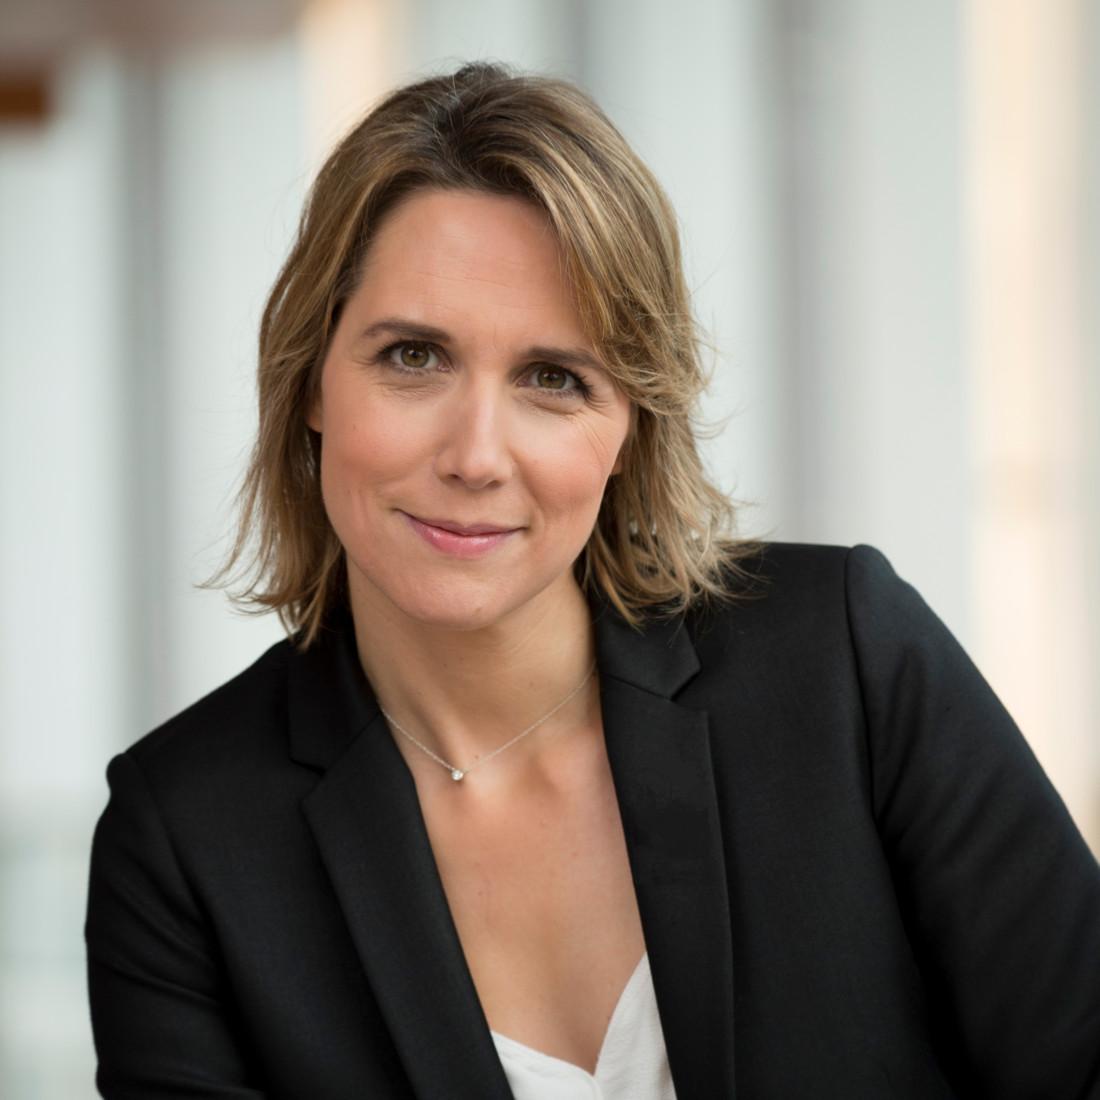 Marie Cheval, directrice exécutive des hypers et des services financiers pour Carrefour